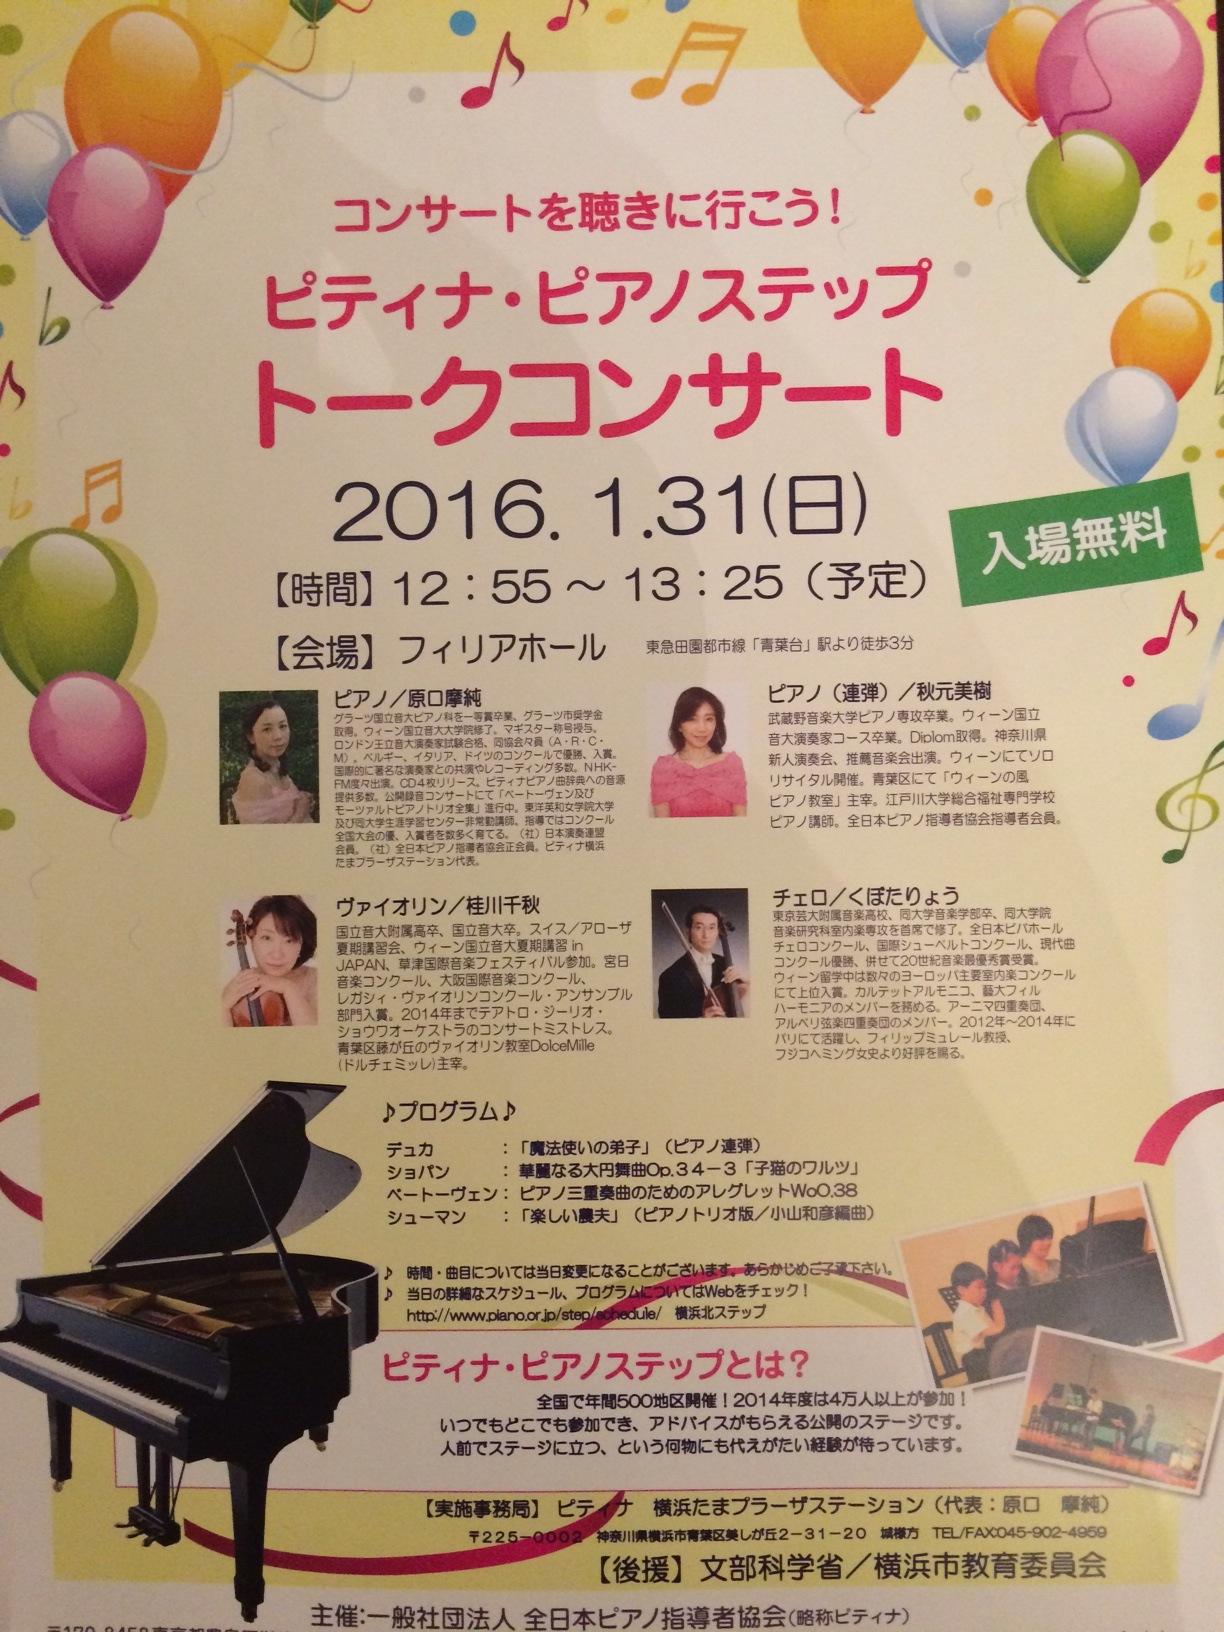 【2016/1/31】ピティナピアノステップ トークコンサート@青葉台